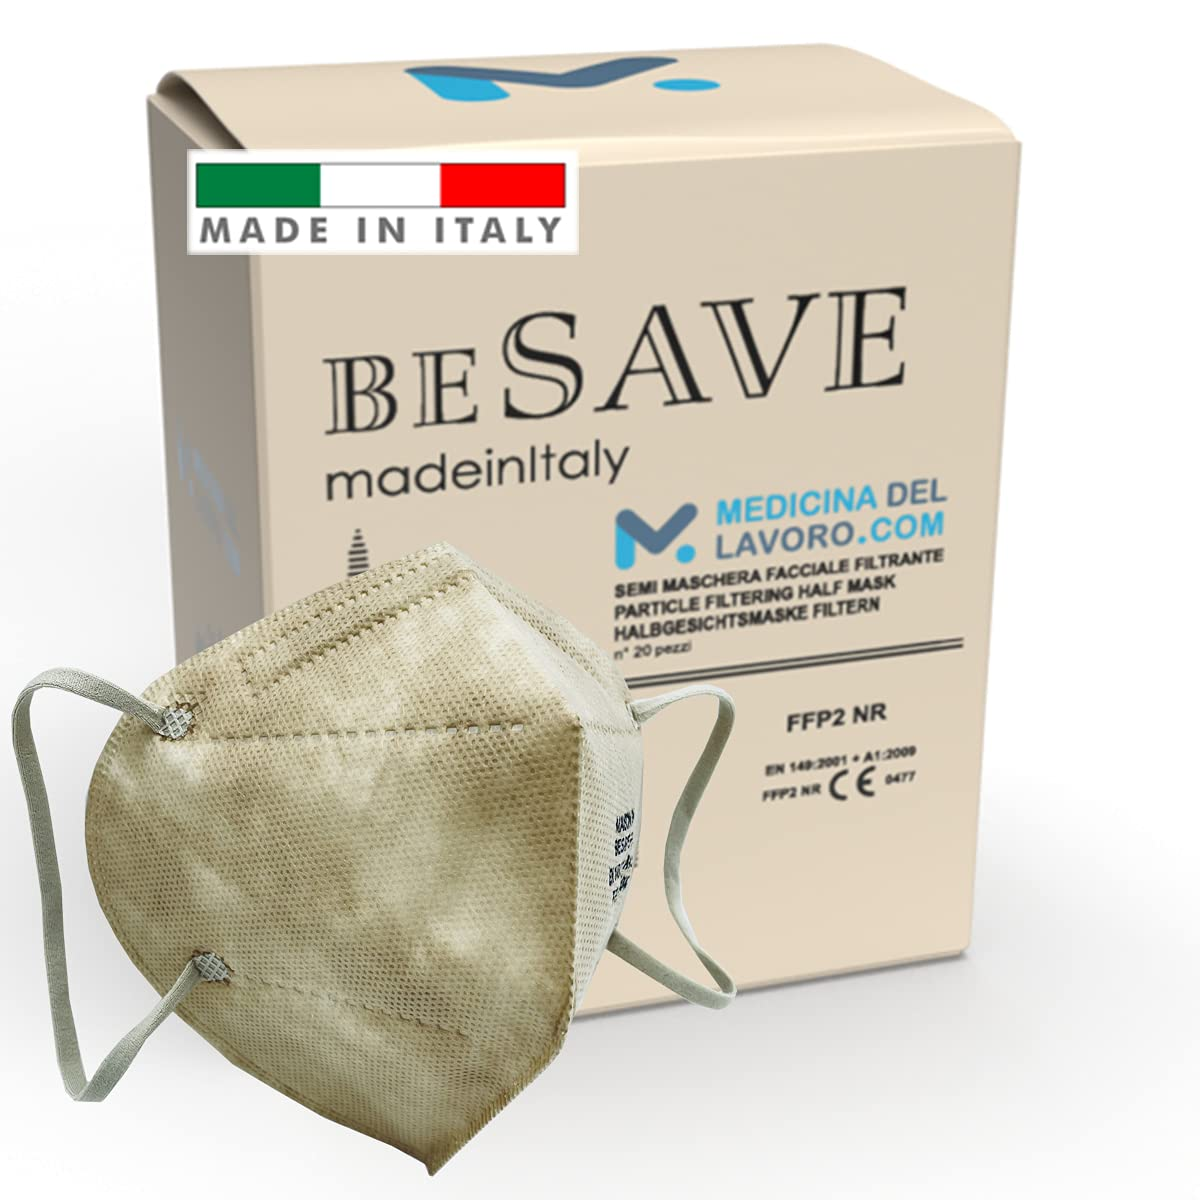 20 Mascarillas FFP2/KN95 Colores Beige Homologadas Certificación CE de 5 Capas, Máscara Protectora, Mascarilla de Protección Personal con Filtros de Calidad BFE≥95, 20 Piezas - Made in Italy